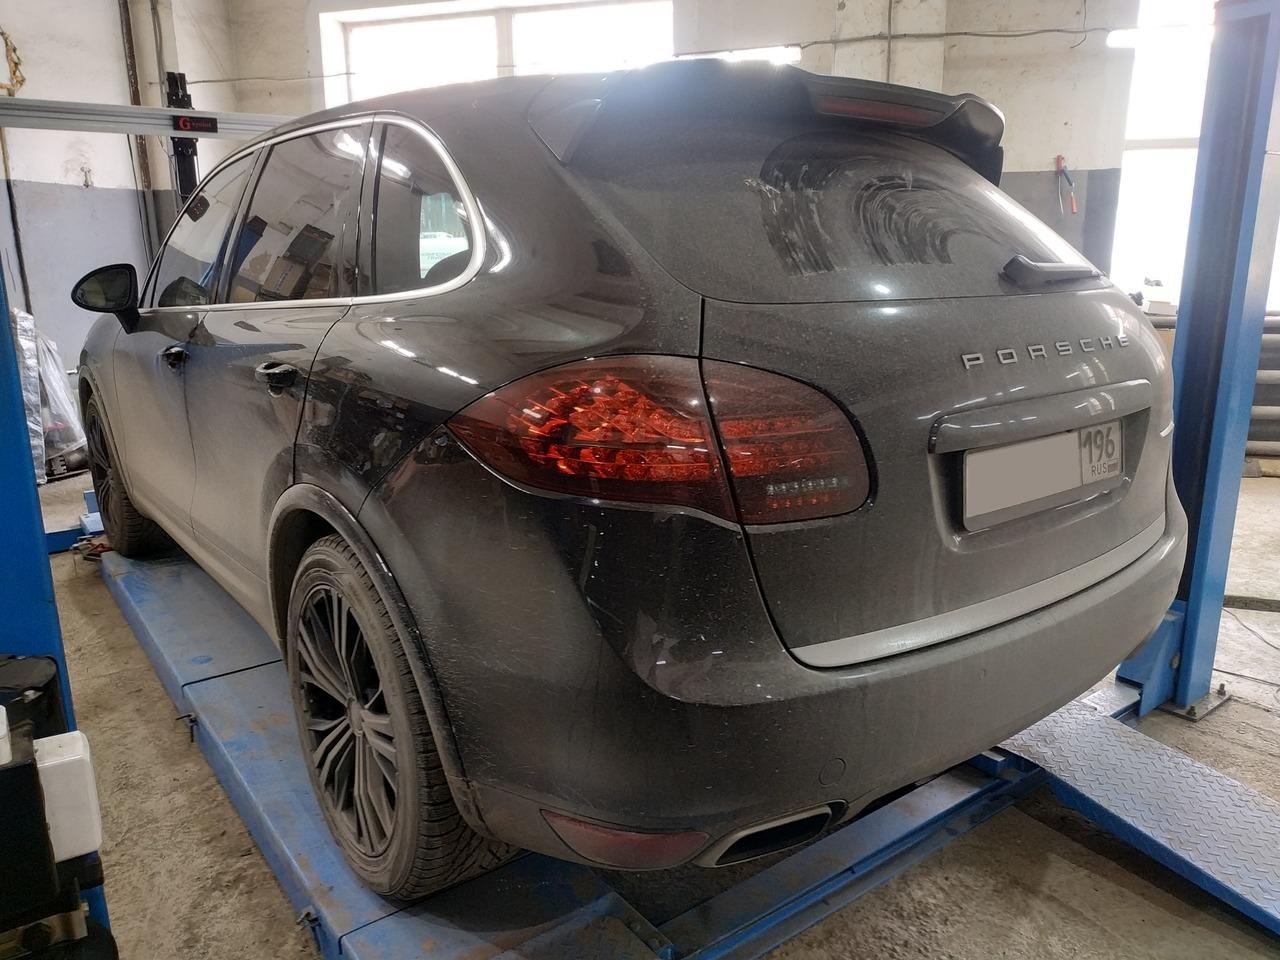 Porsche Cayenne 2013 г.в., дизель 3.0